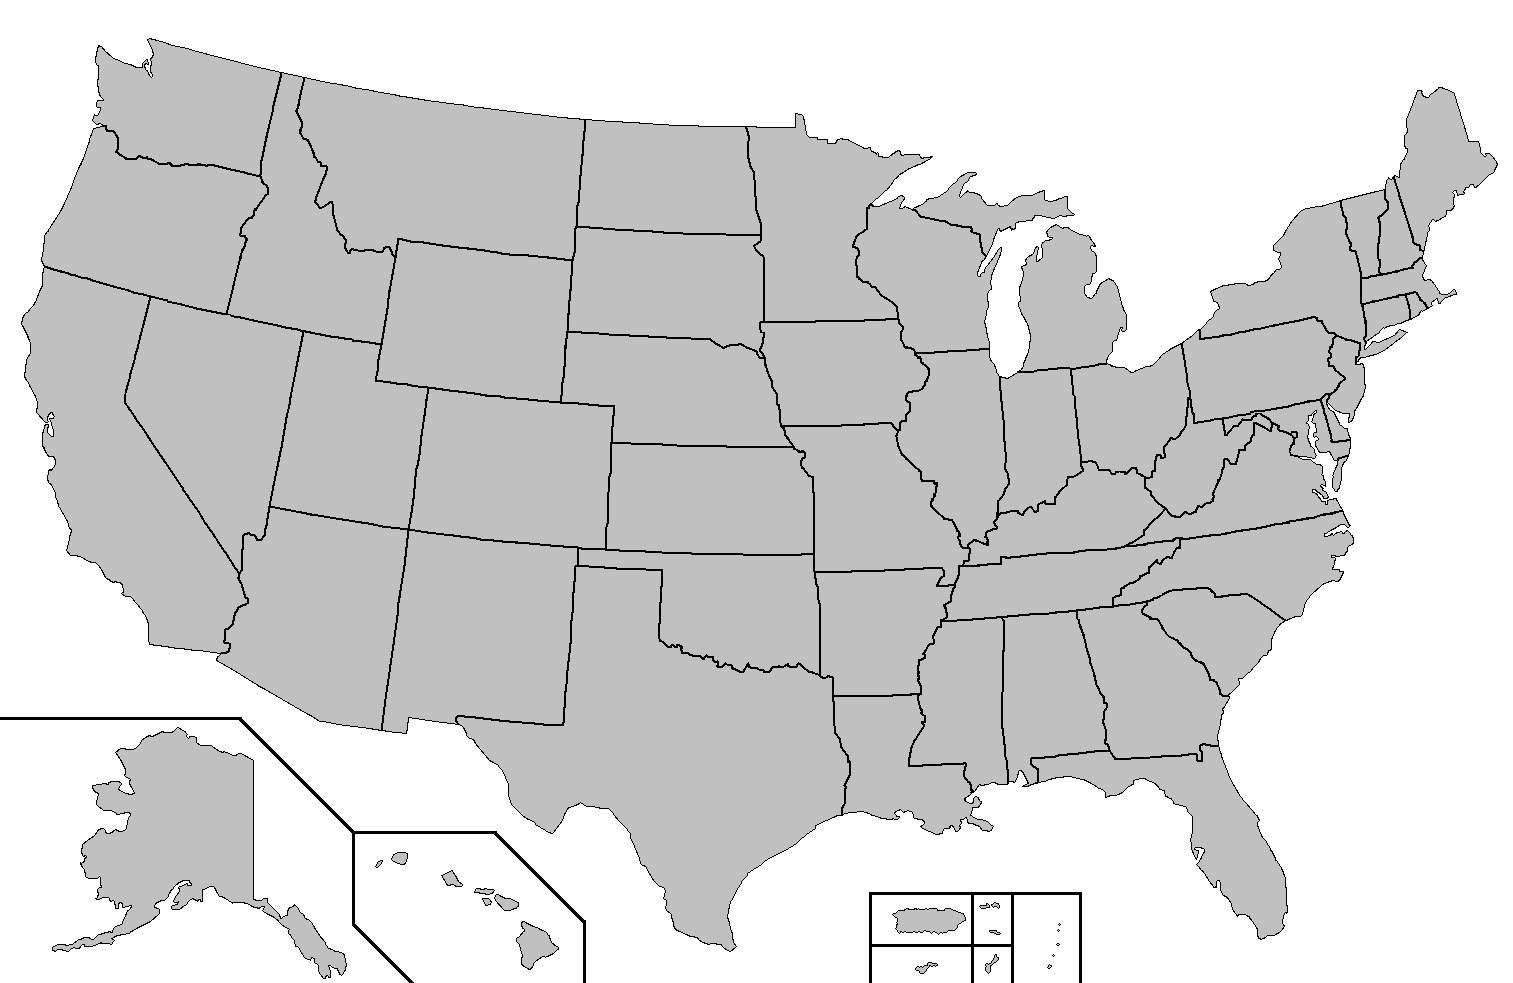 Oss Karta Stater Quiz Karta Av Oss Staterna Fragesport